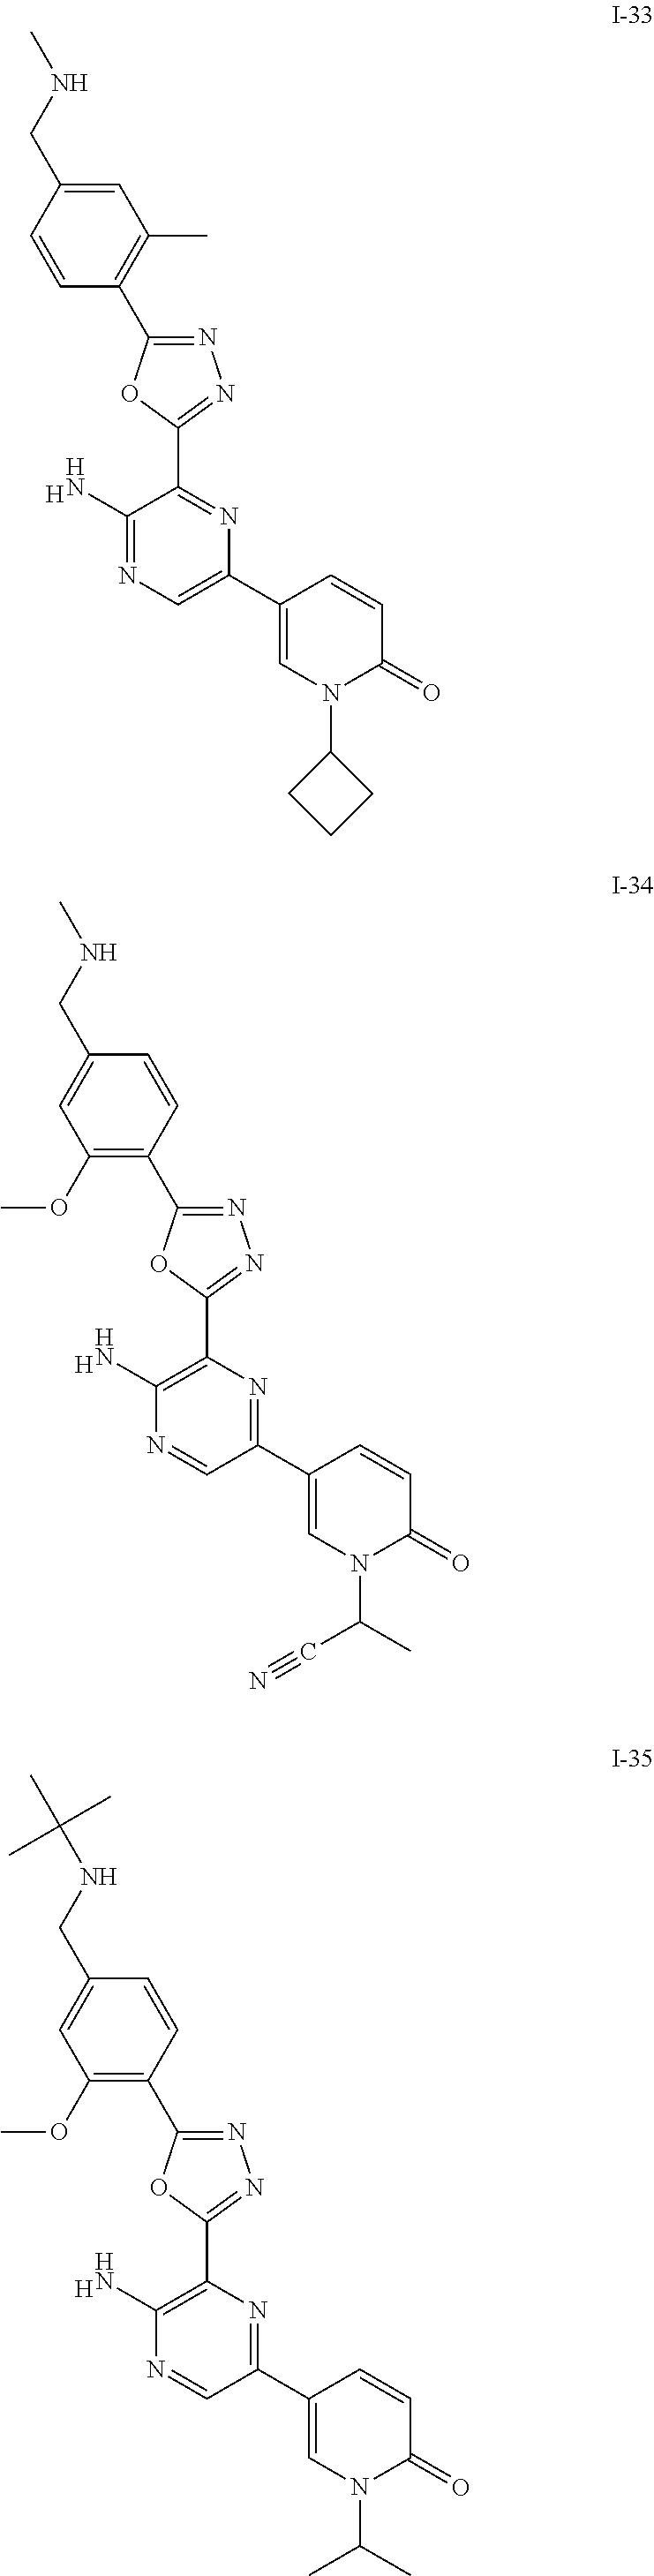 Figure US09630956-20170425-C00228